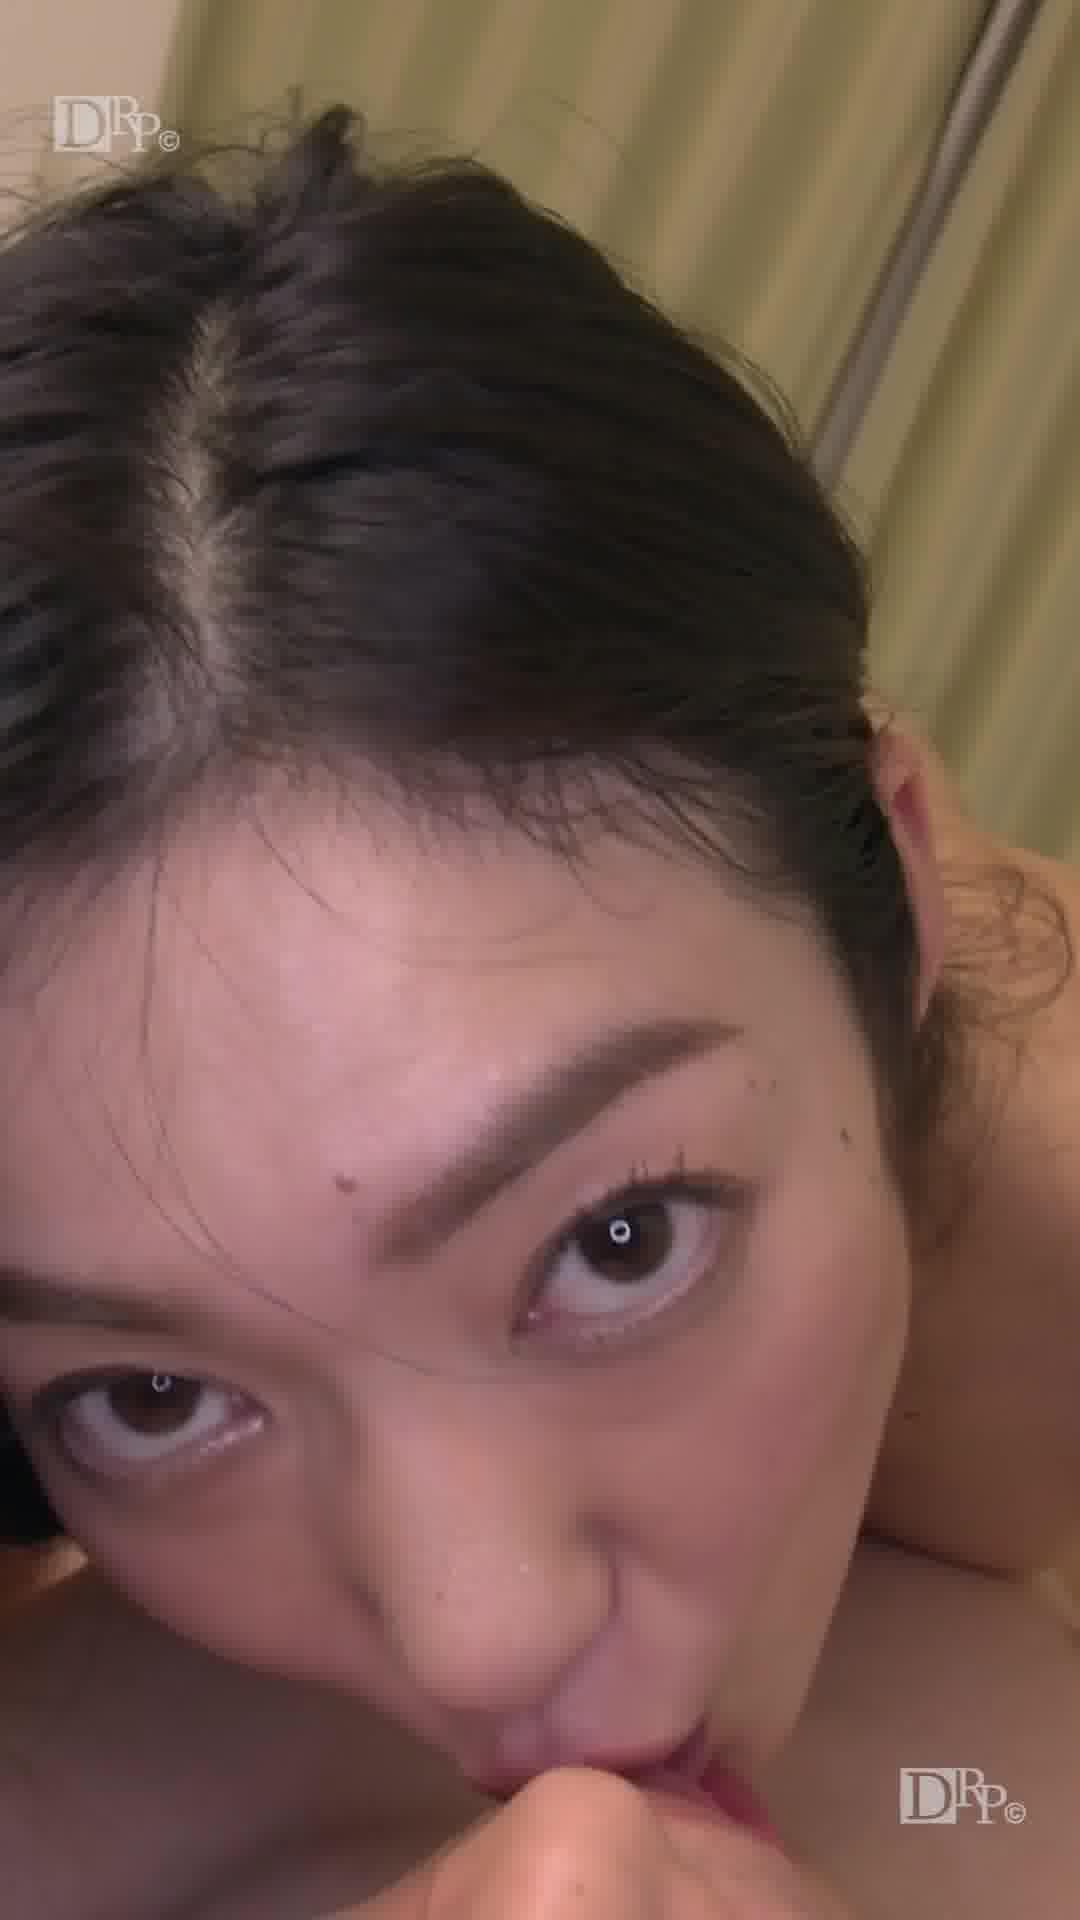 縦型動画 034 ~いつまでたっても変わらない桃色乳首~ - 江波りゅう【痴女・パイズリ・口内発射】